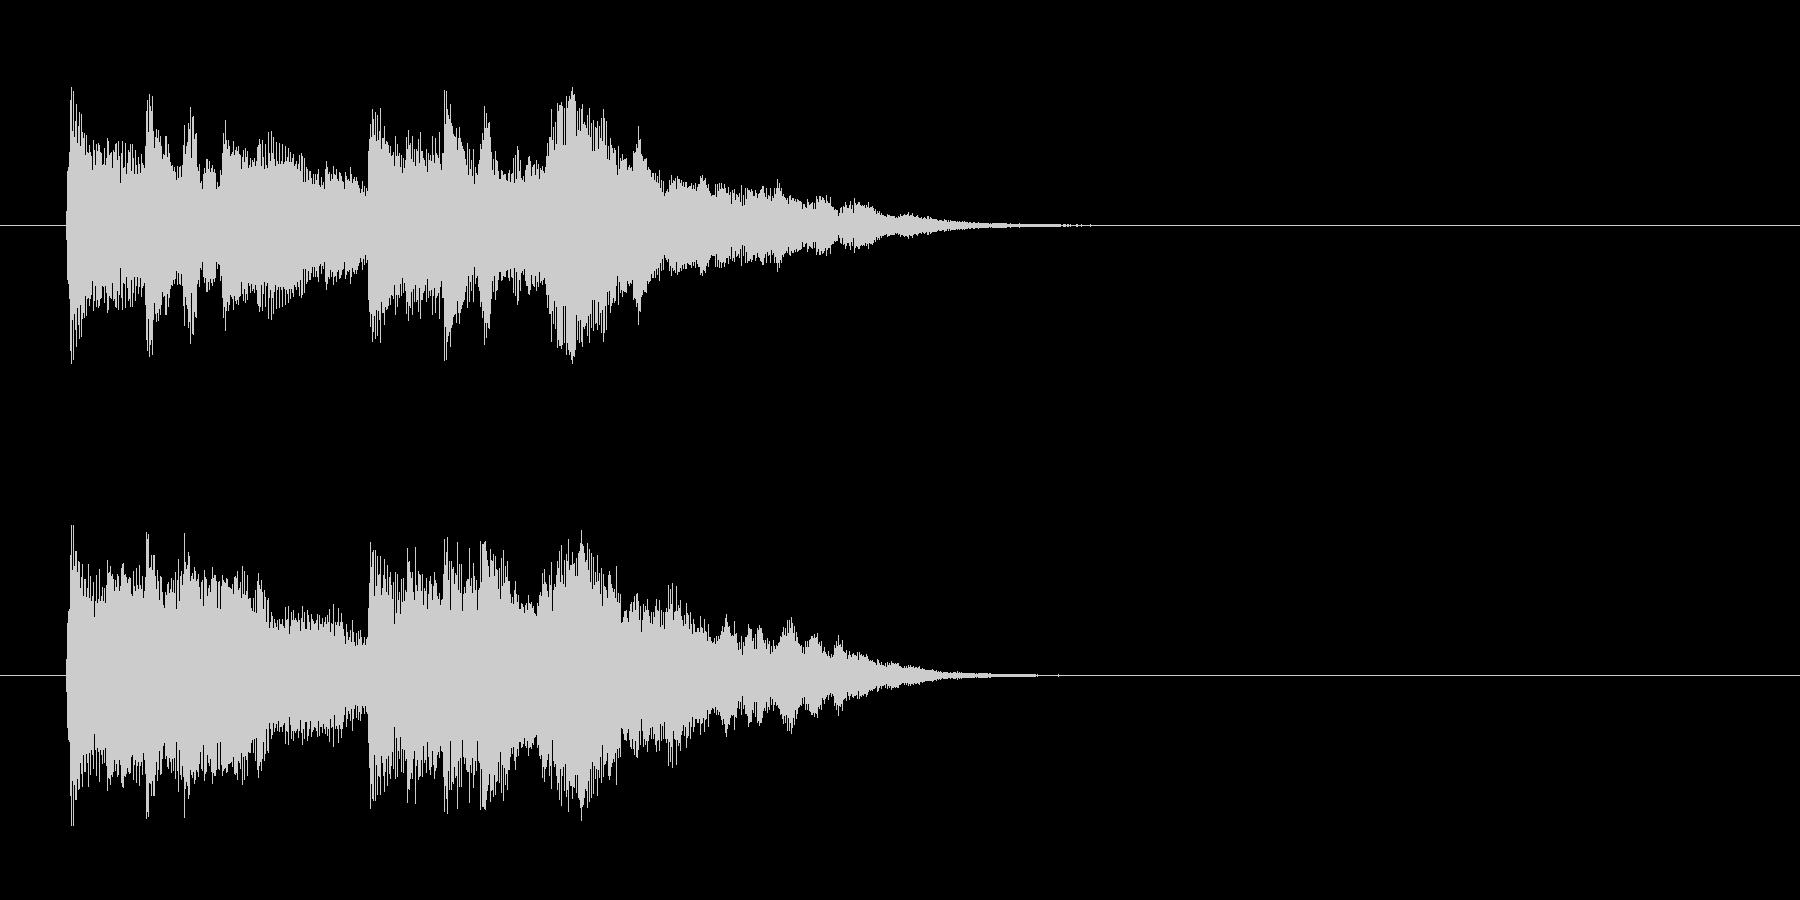 ジングル/環境(エンディング風)の未再生の波形